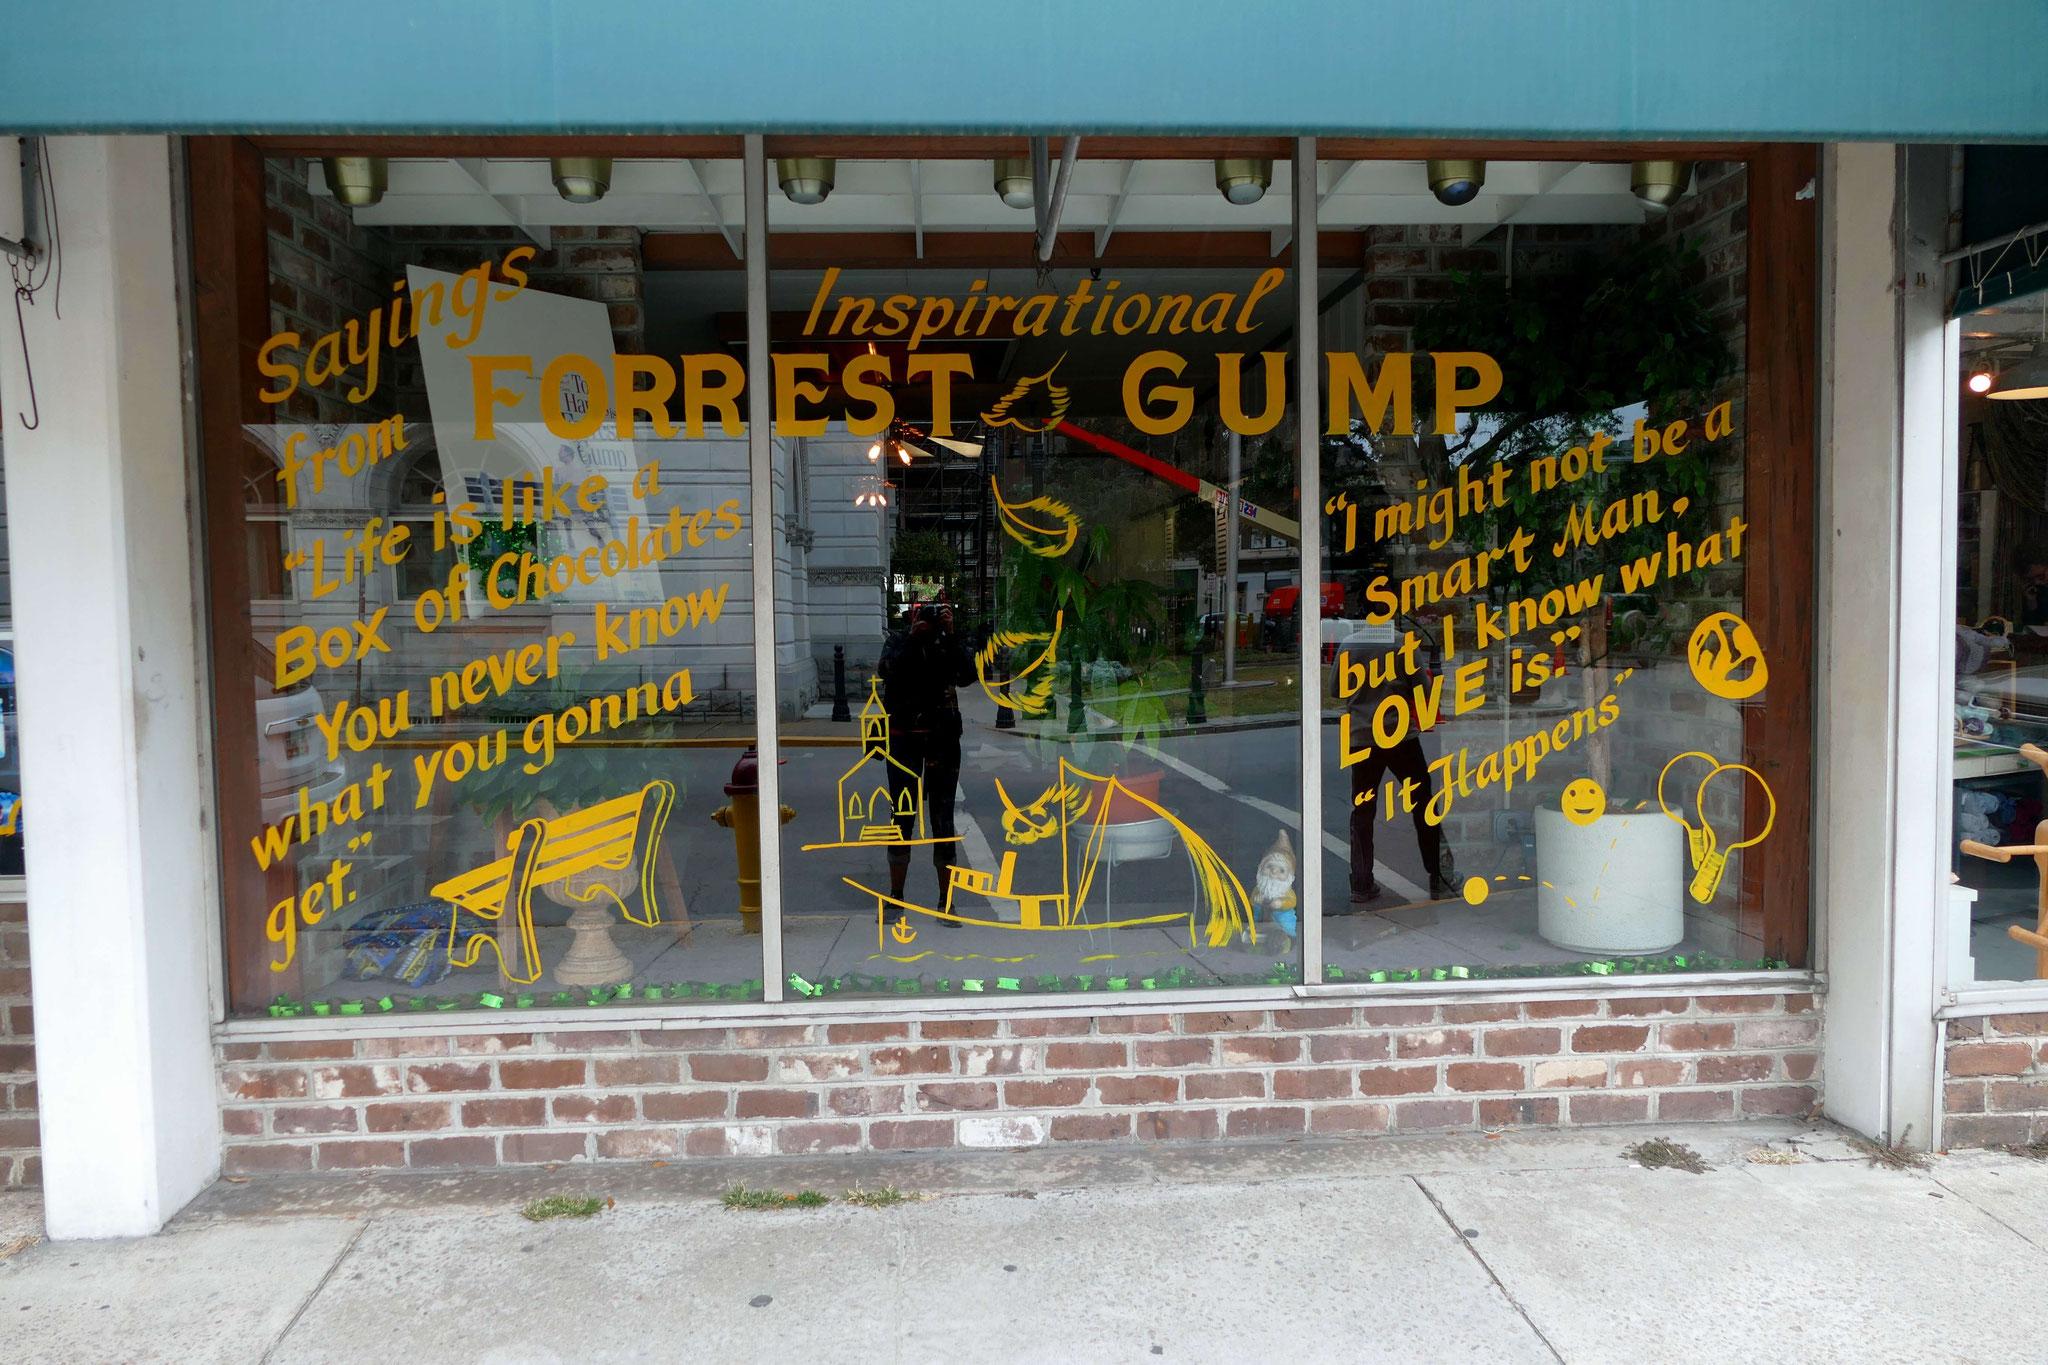 """Das Restaurant in dem Jenny aus dem Film """"Forrest Gump"""" gearbeitet hat"""